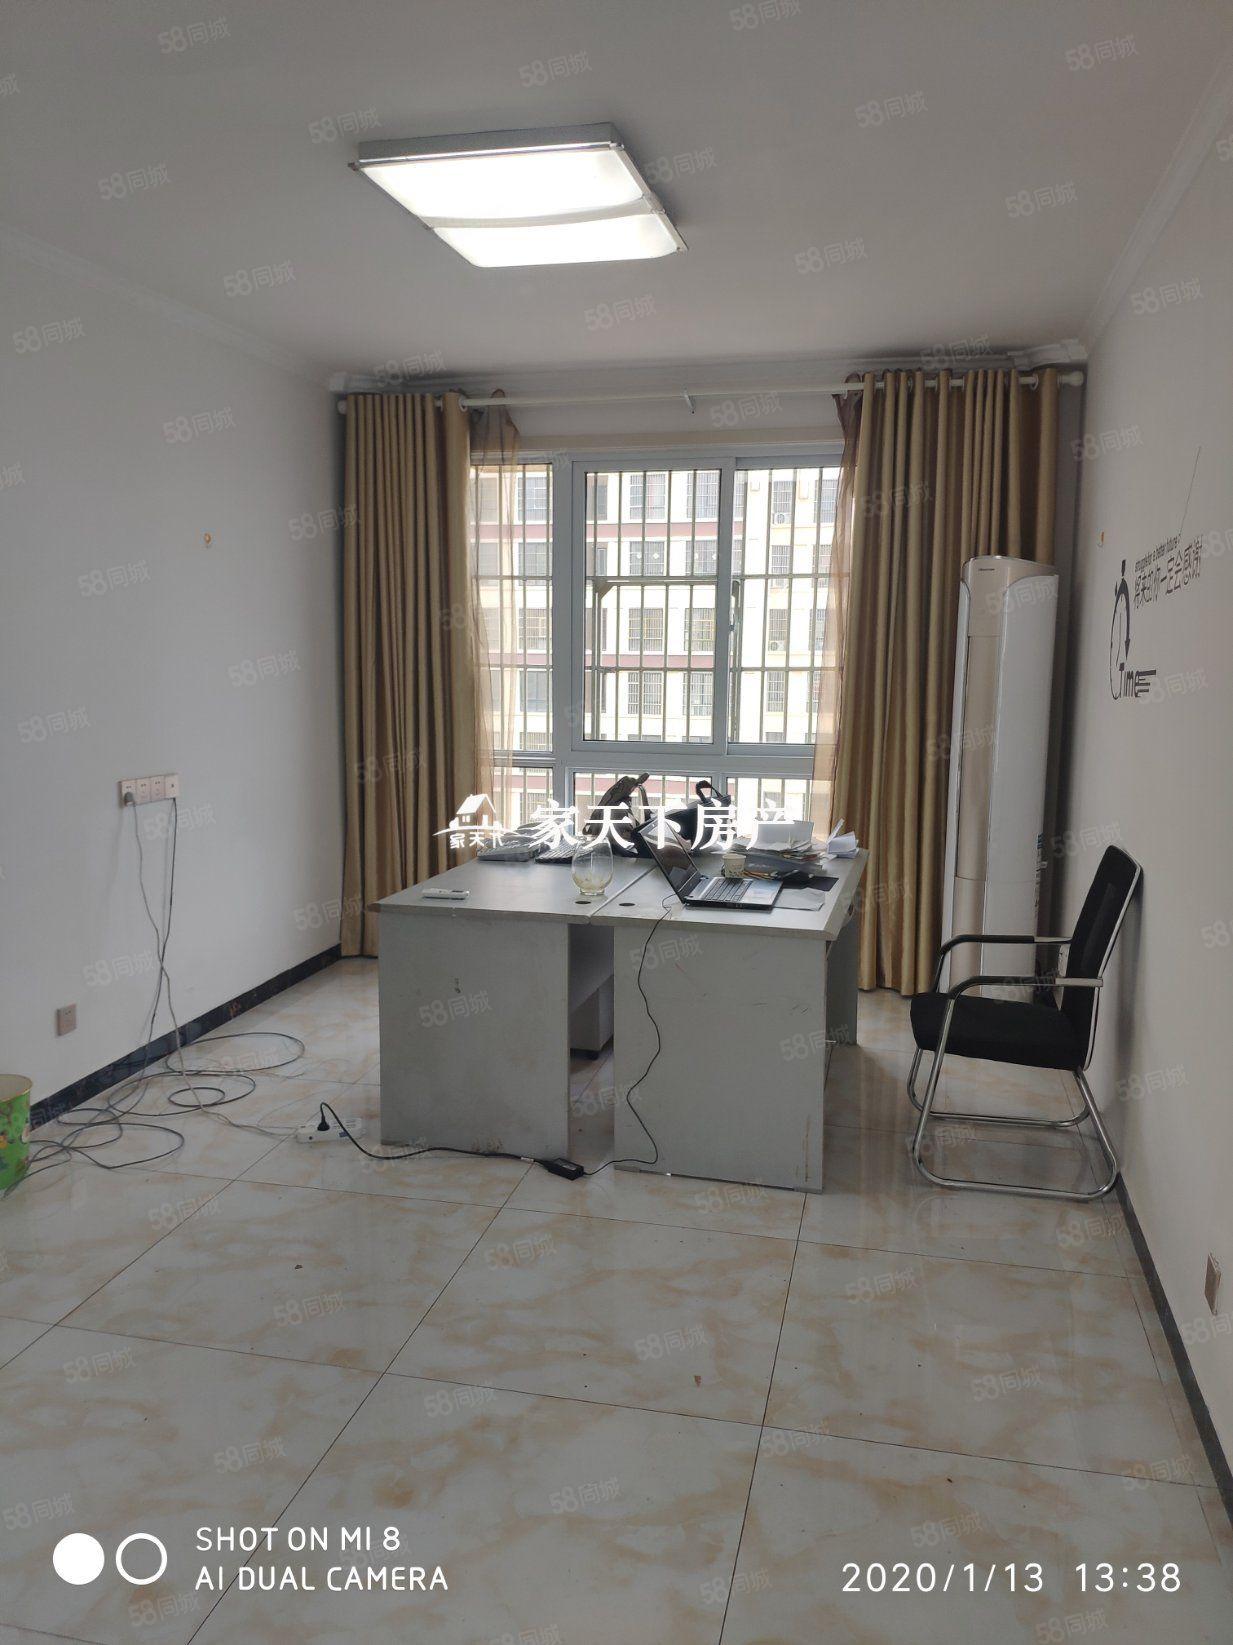 大社区,生活交通方便,2室2厅1卫1阳台1200元月